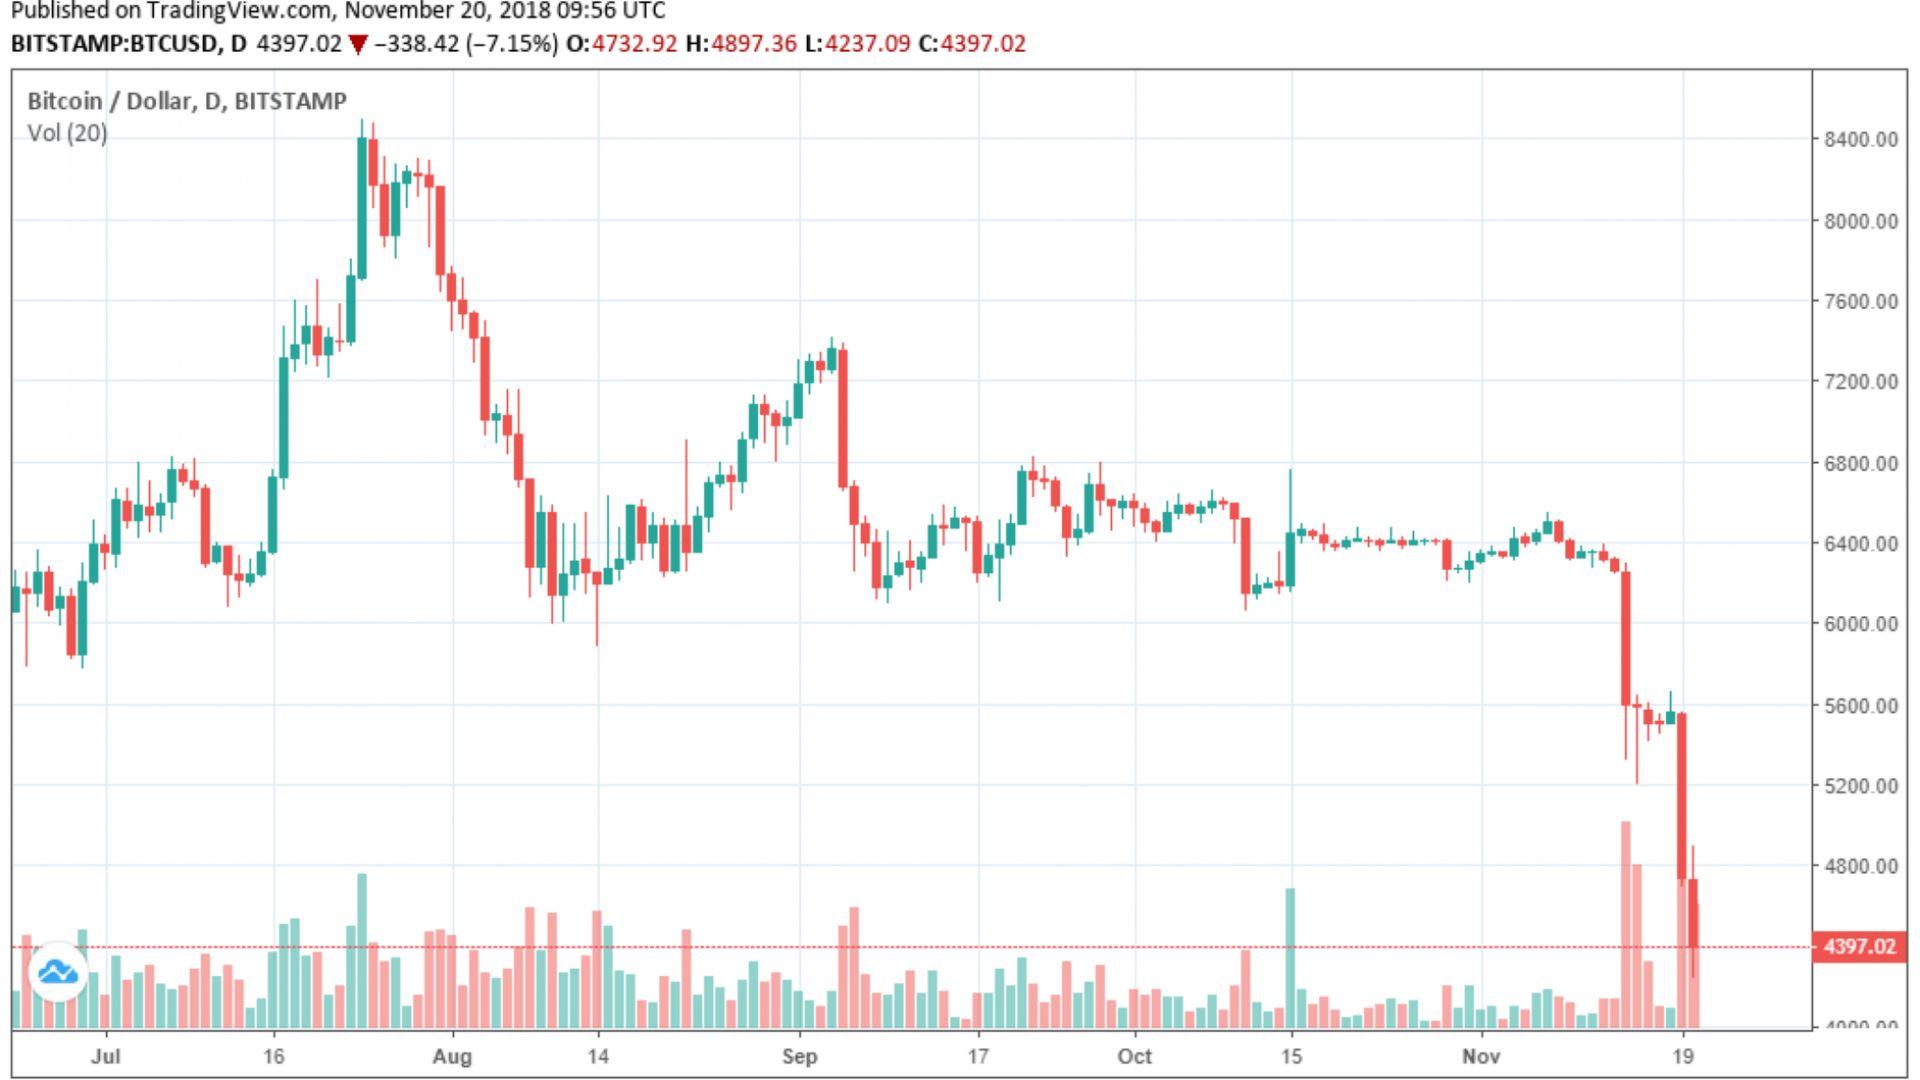 Започна ли глобален спад на цената на криптовалутите?